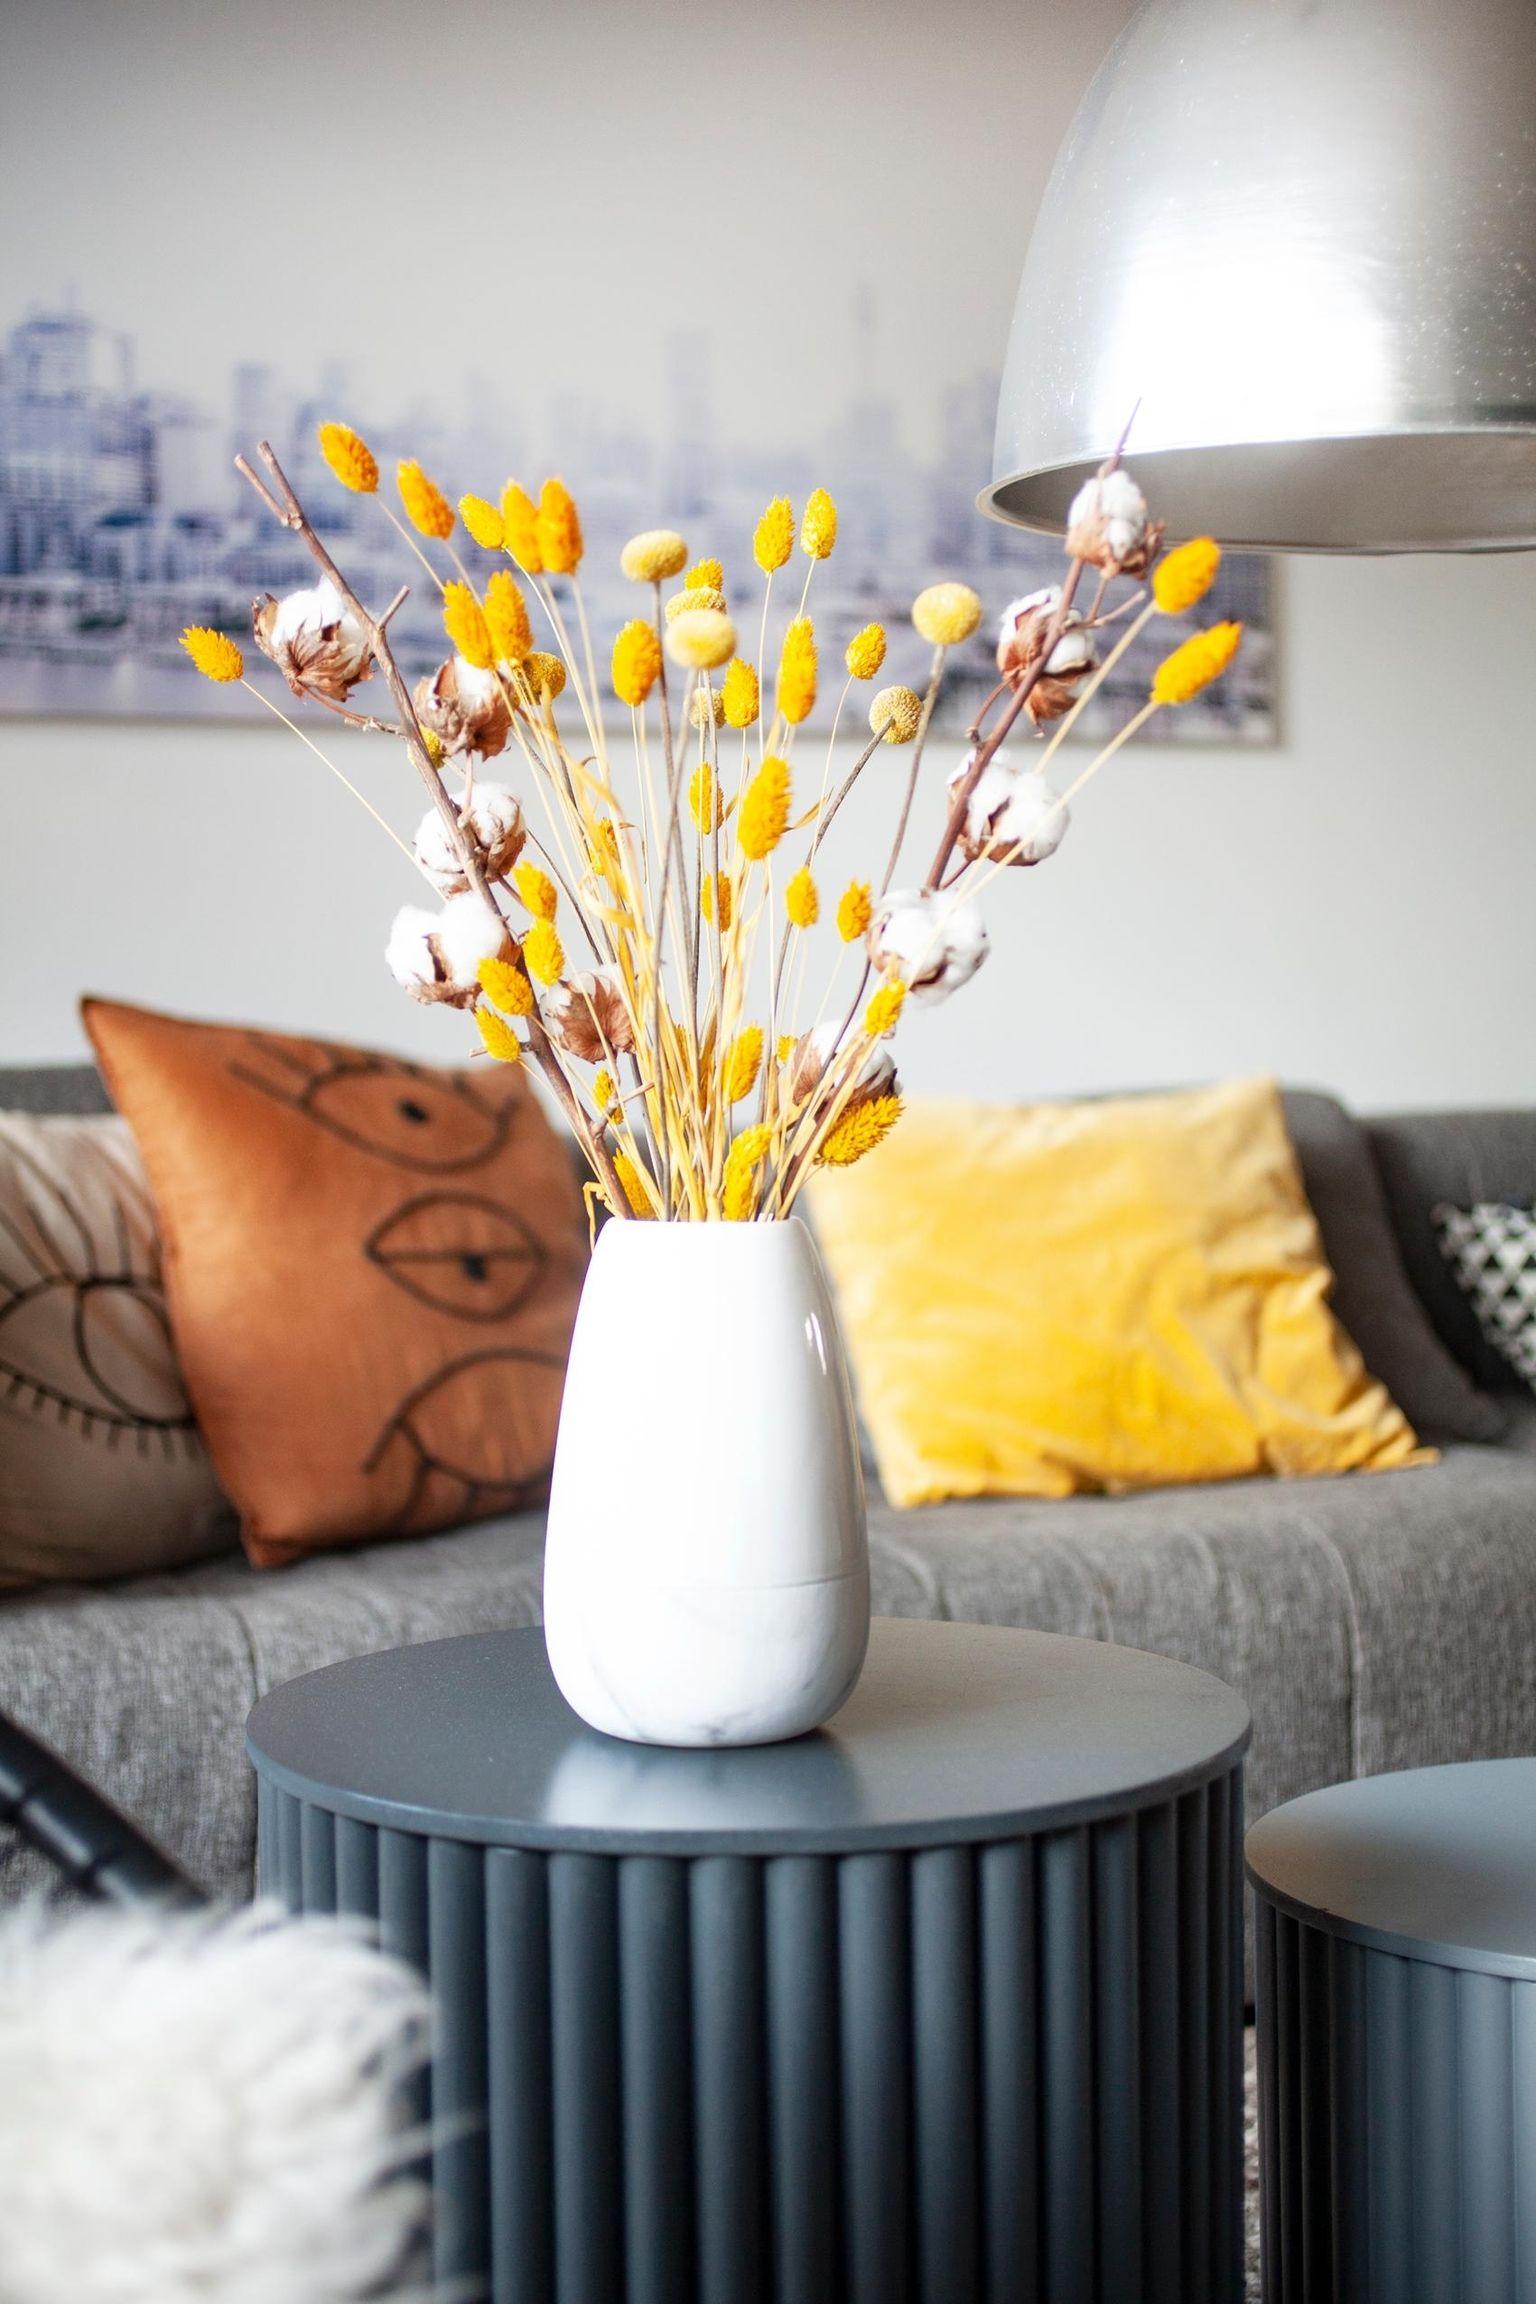 Wenn Die Sonne Nicht Kommt Wohnzimmer Couchti Couchtisch Trockenblumen Wohnen